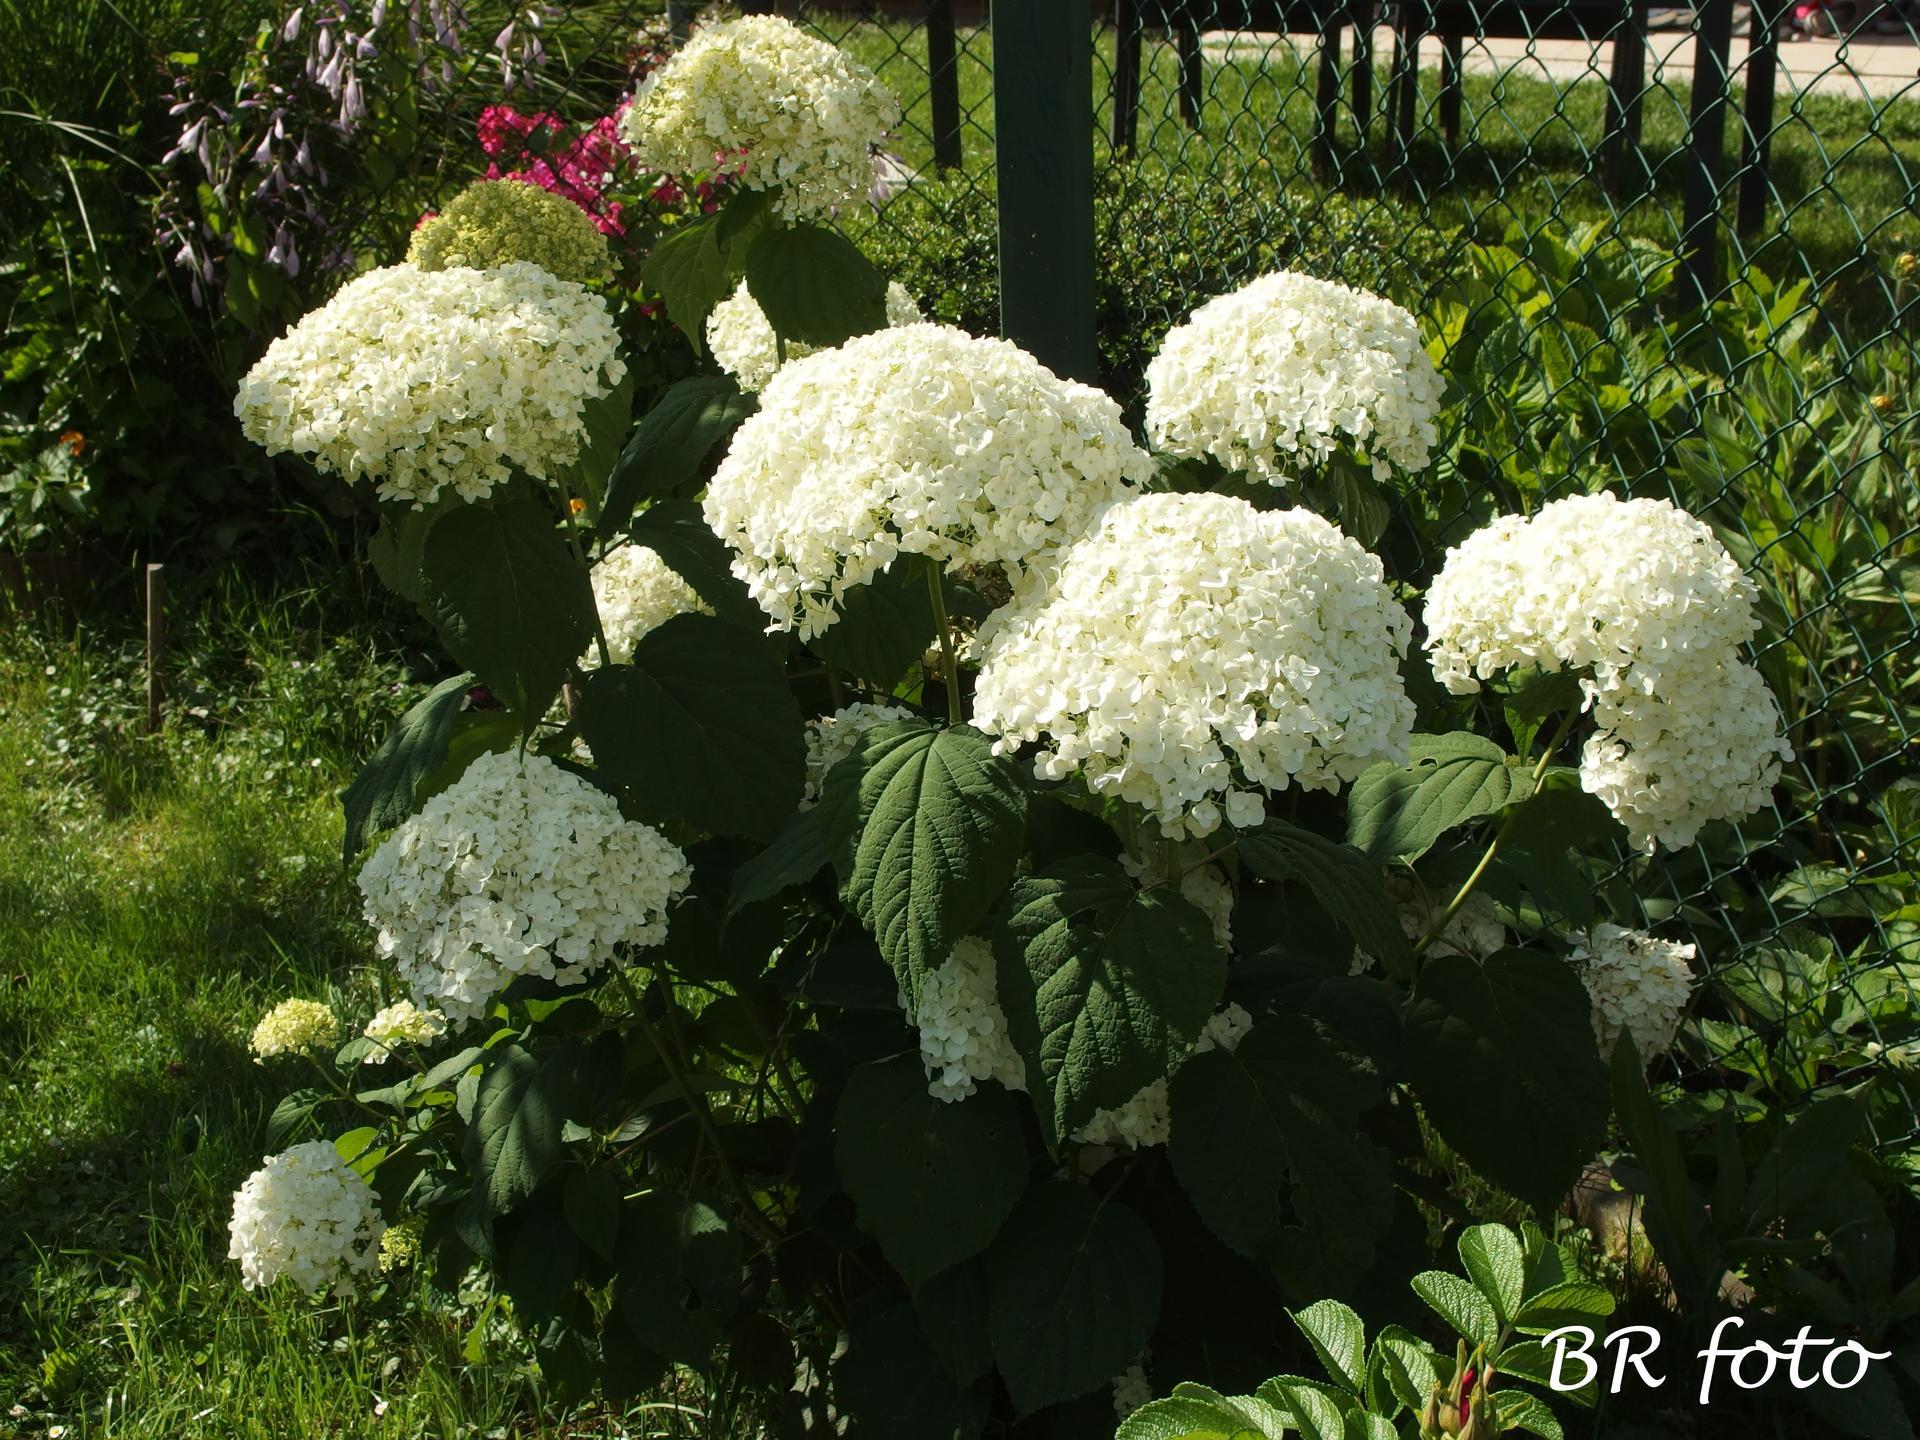 Zahrada v létě - ....a letos je nádherná, květy obří